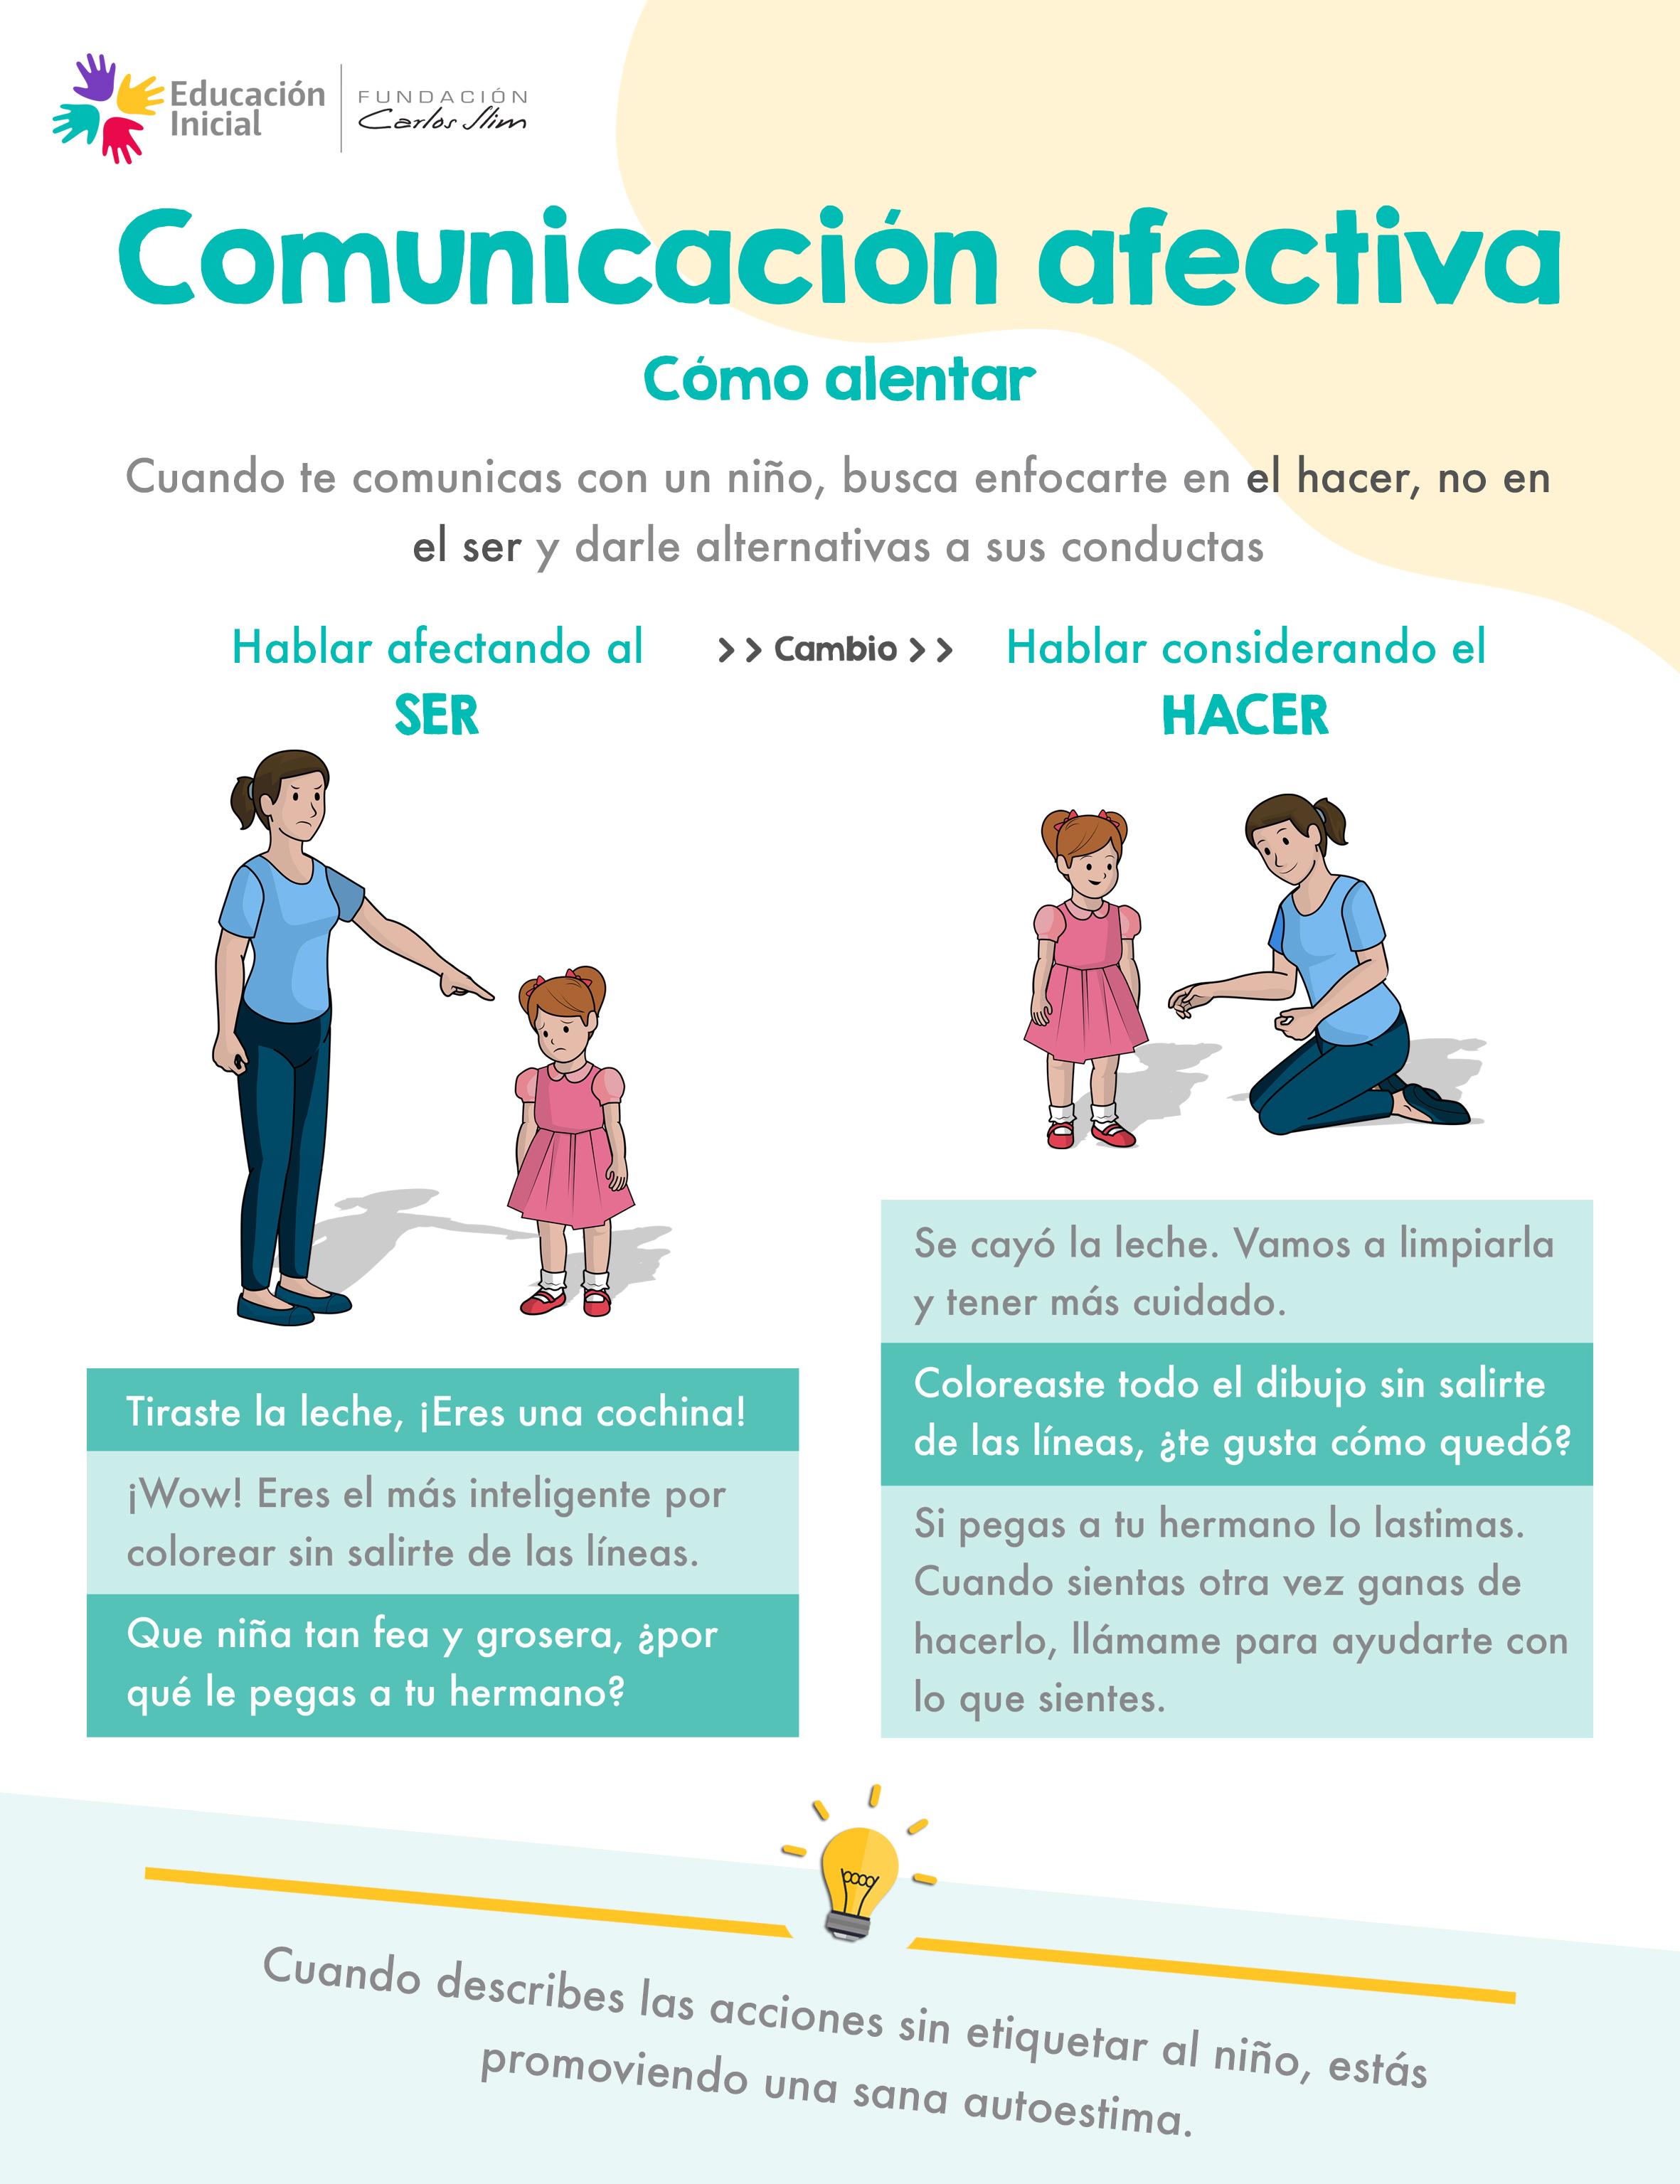 (577) Comunicación afectiva. Como alentar